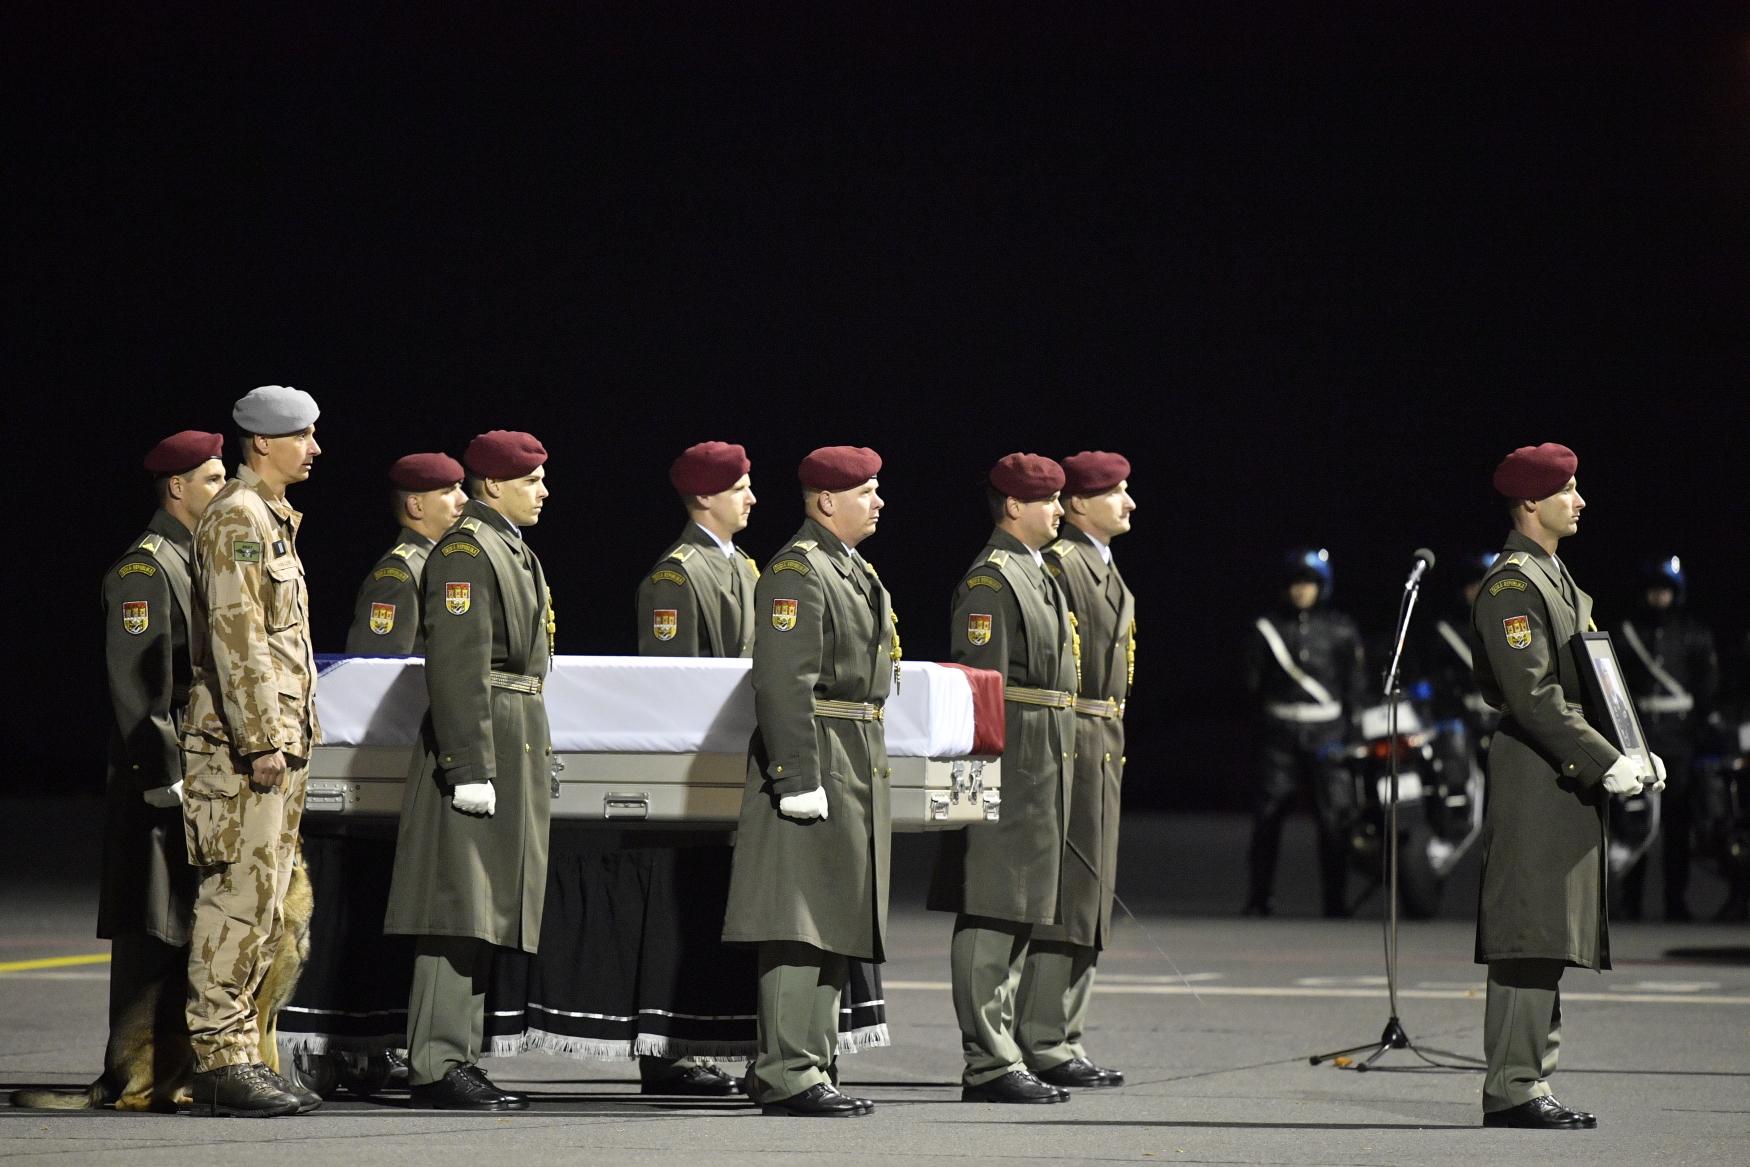 Čestná stráž nese ostatky zastřeleného vojáka Tomáše Procházky, který zemřel 22. října po útoku afghánského vojáka na základně Šindánd v afghánské provincii Herát.